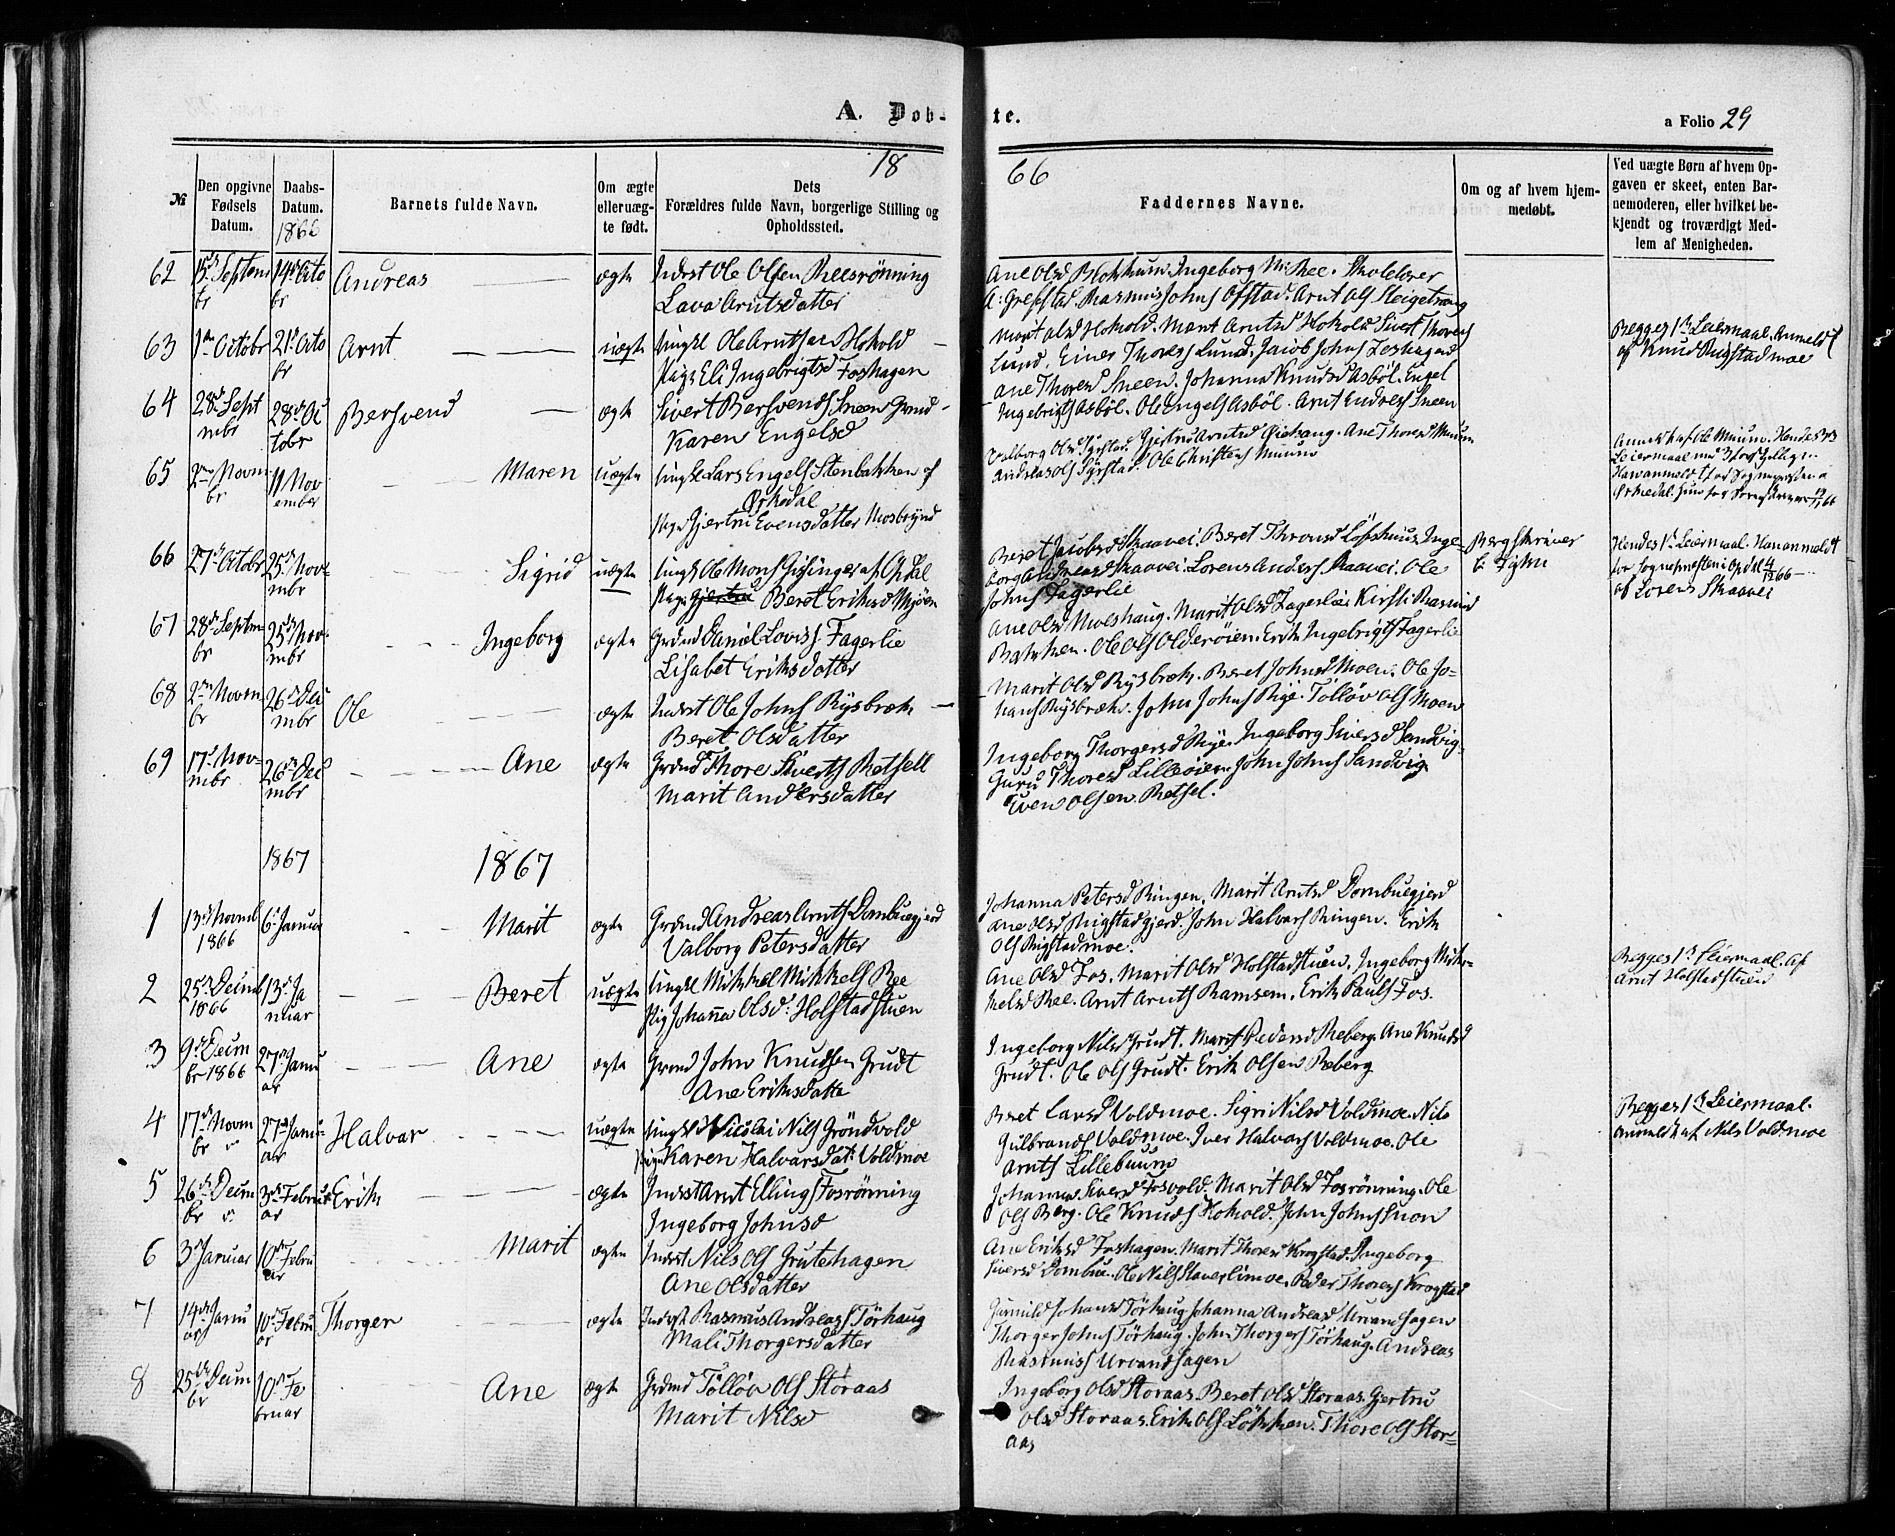 SAT, Ministerialprotokoller, klokkerbøker og fødselsregistre - Sør-Trøndelag, 672/L0856: Ministerialbok nr. 672A08, 1861-1881, s. 29